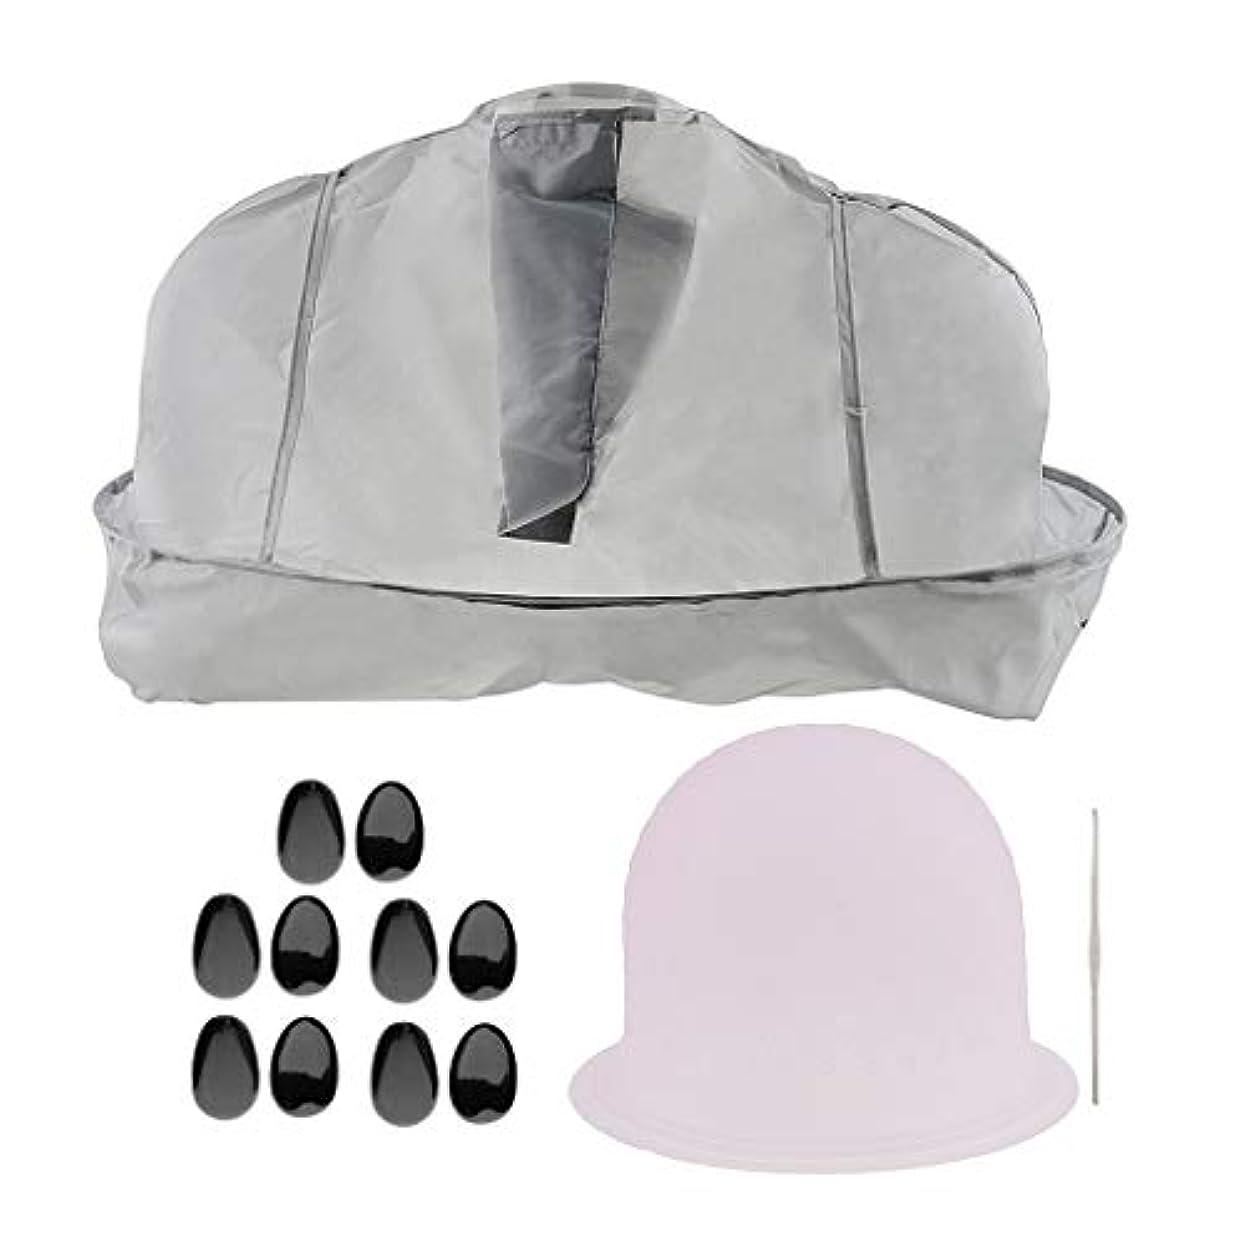 下接地宙返りヘアサロン ヘアカラー 美容ケープ 帽子 キャップ 耳のカバー ヘアスタイリング おしゃれ染め